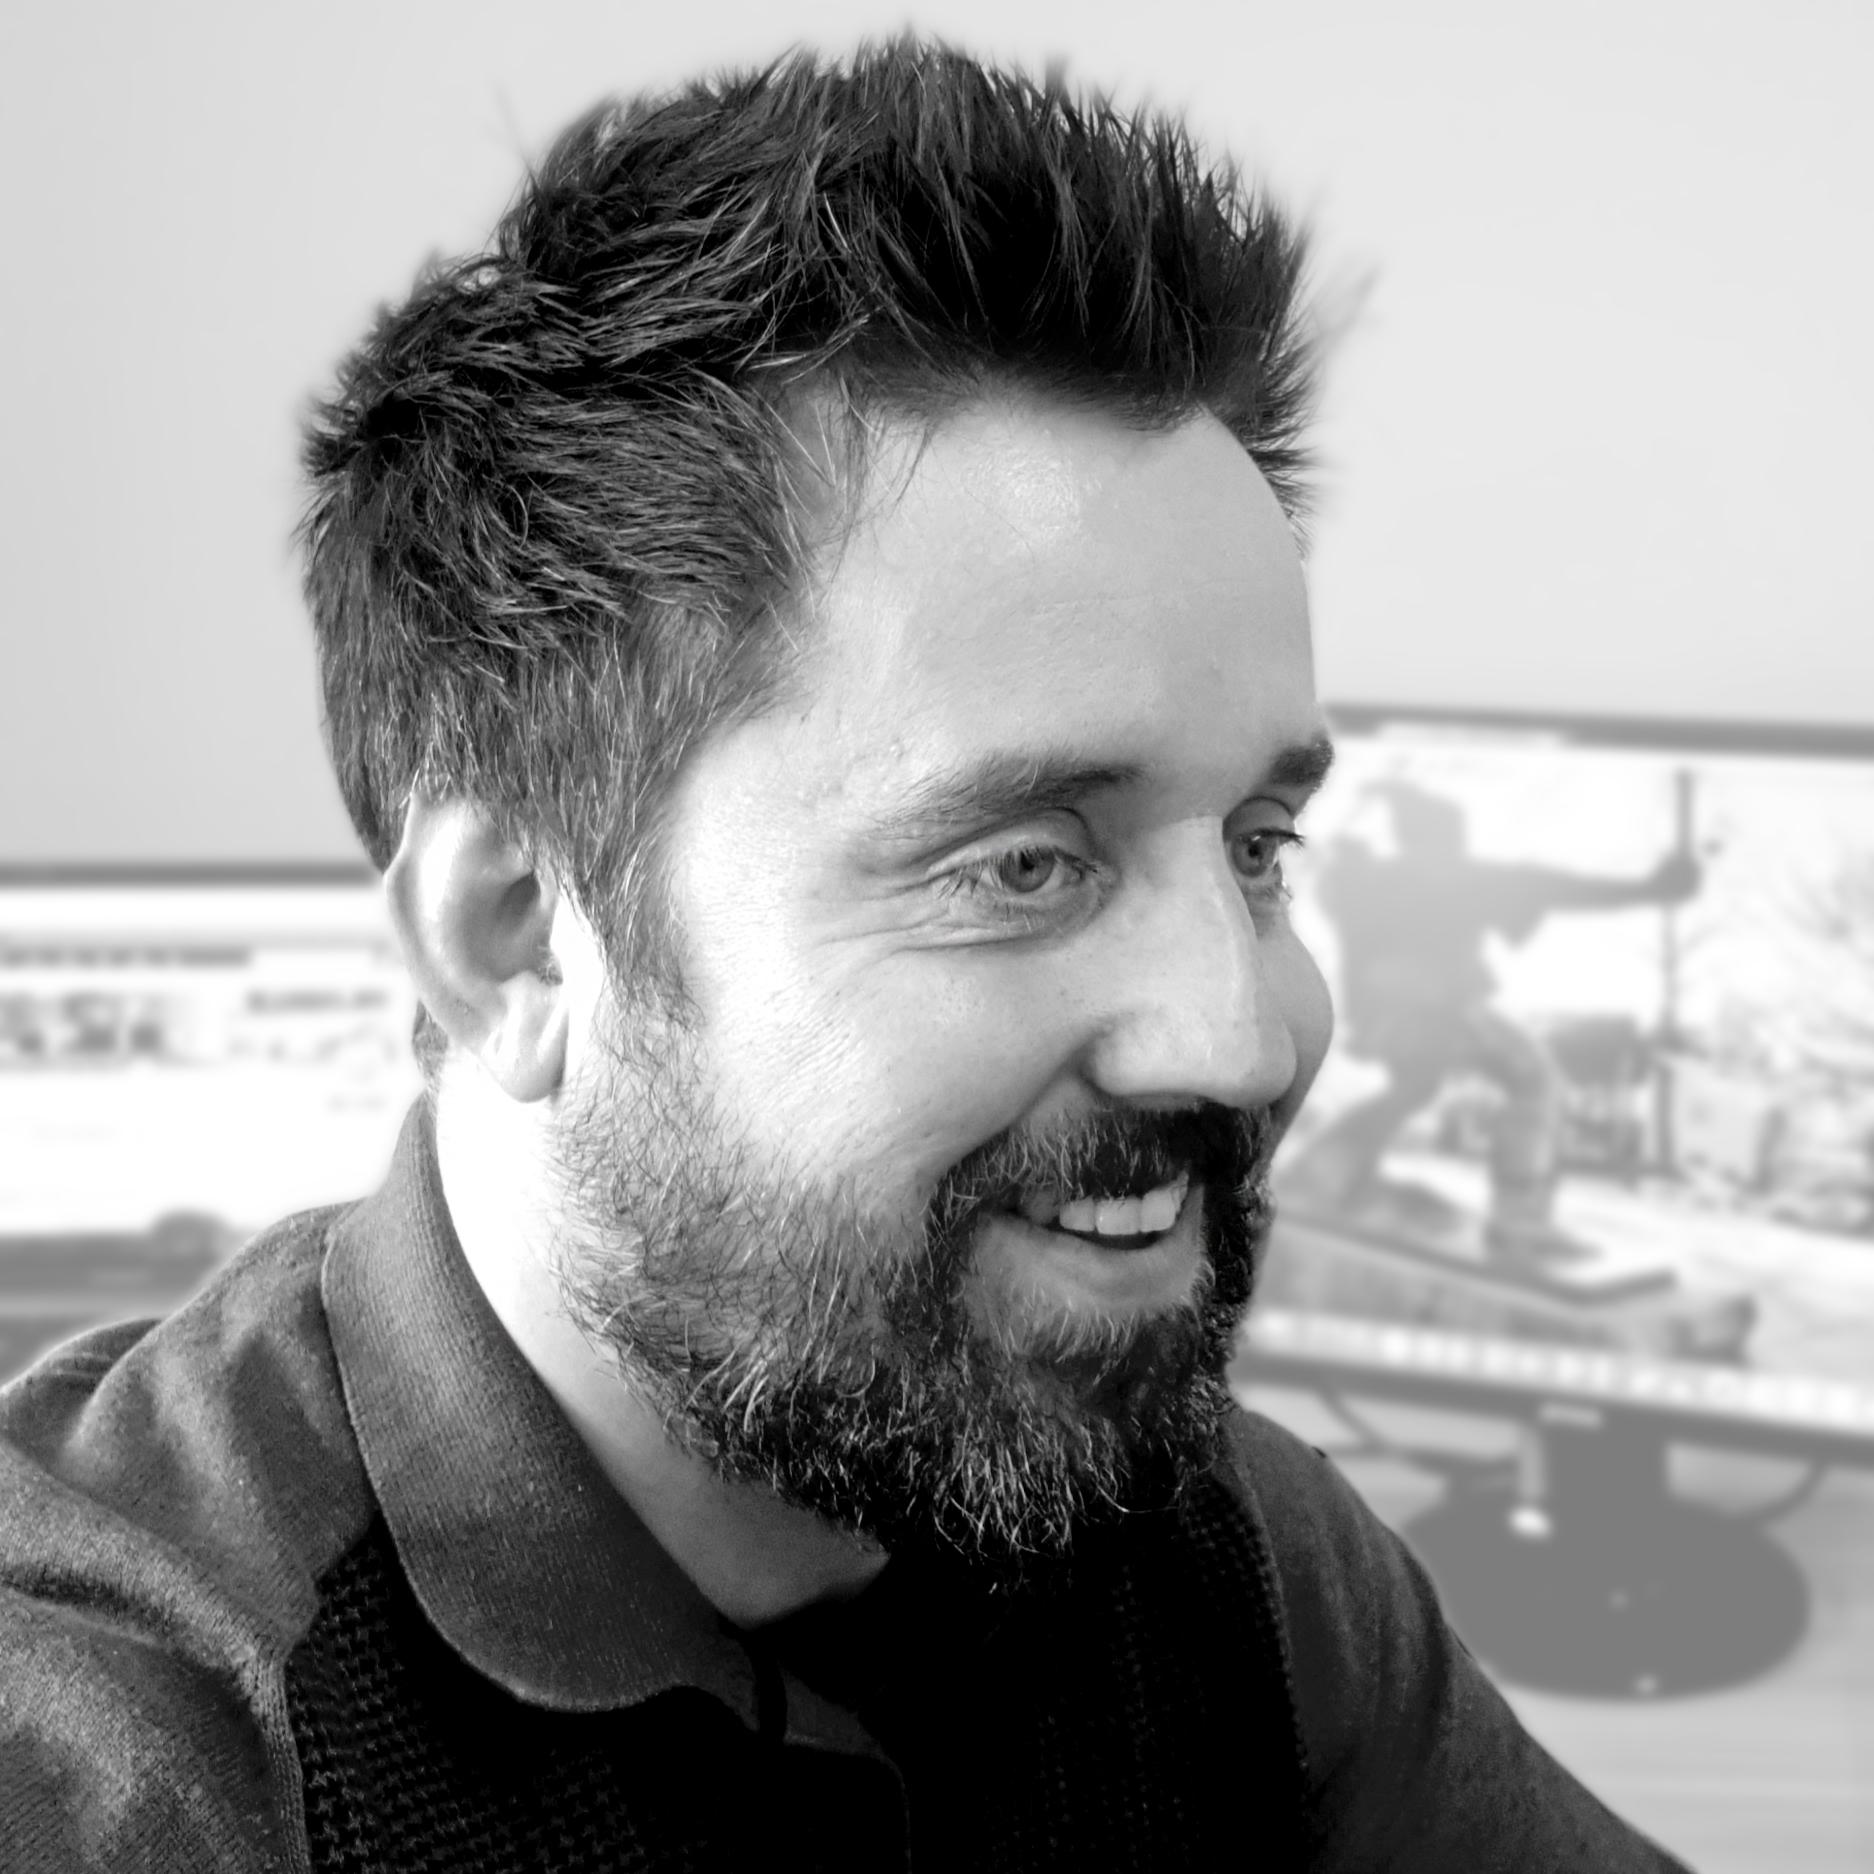 Jamie Khariuk